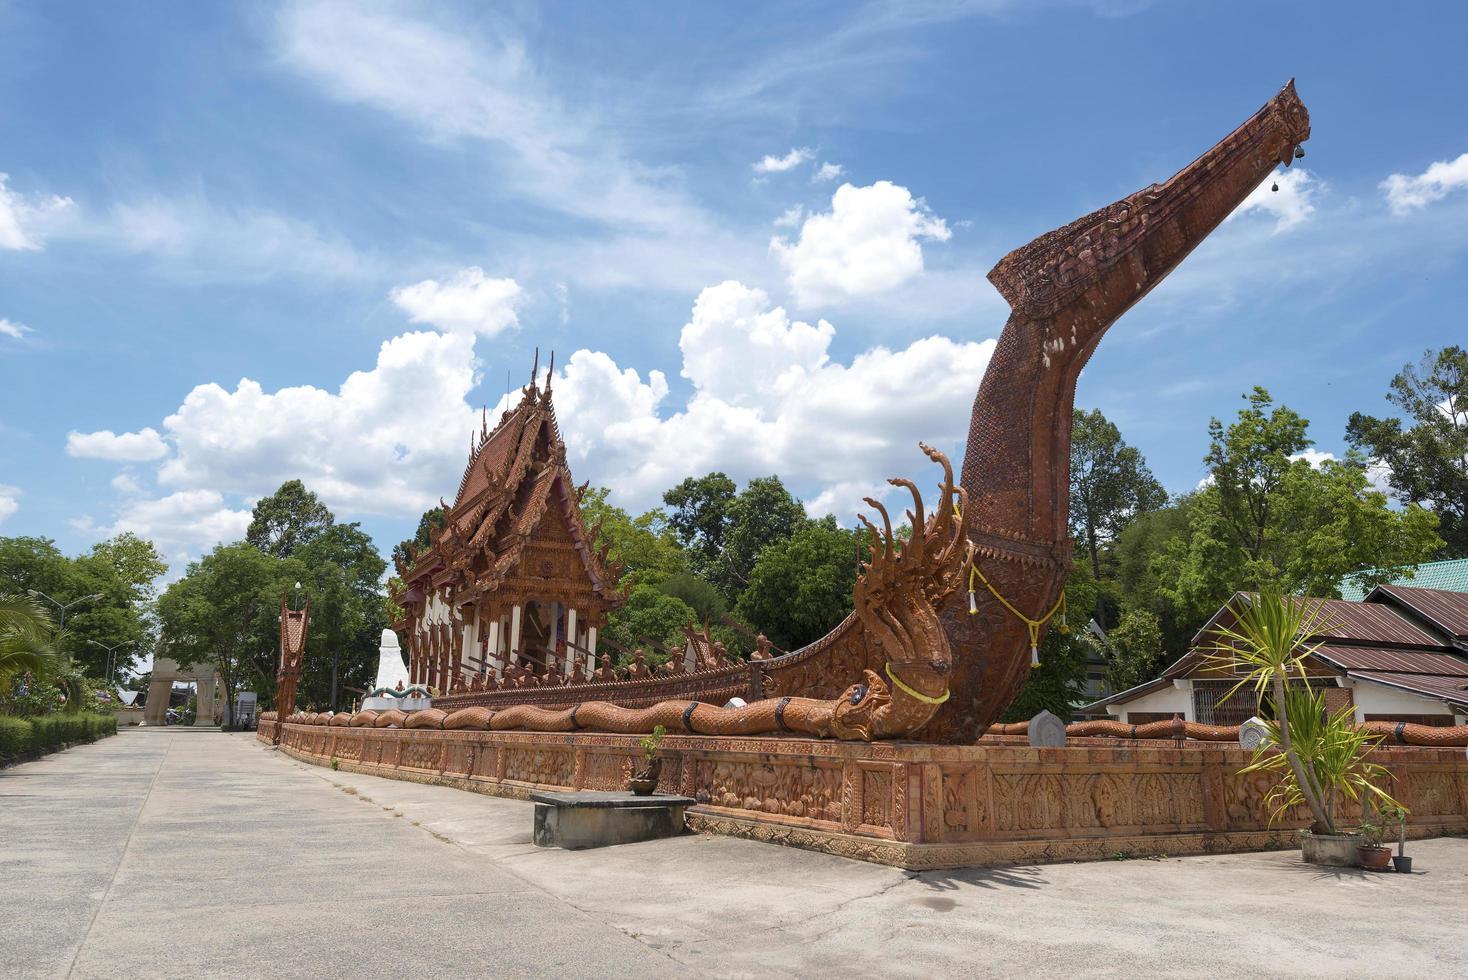 Wat Ban Na Muang tempio buddista a Ubon Ratchathani, Thailandia foto